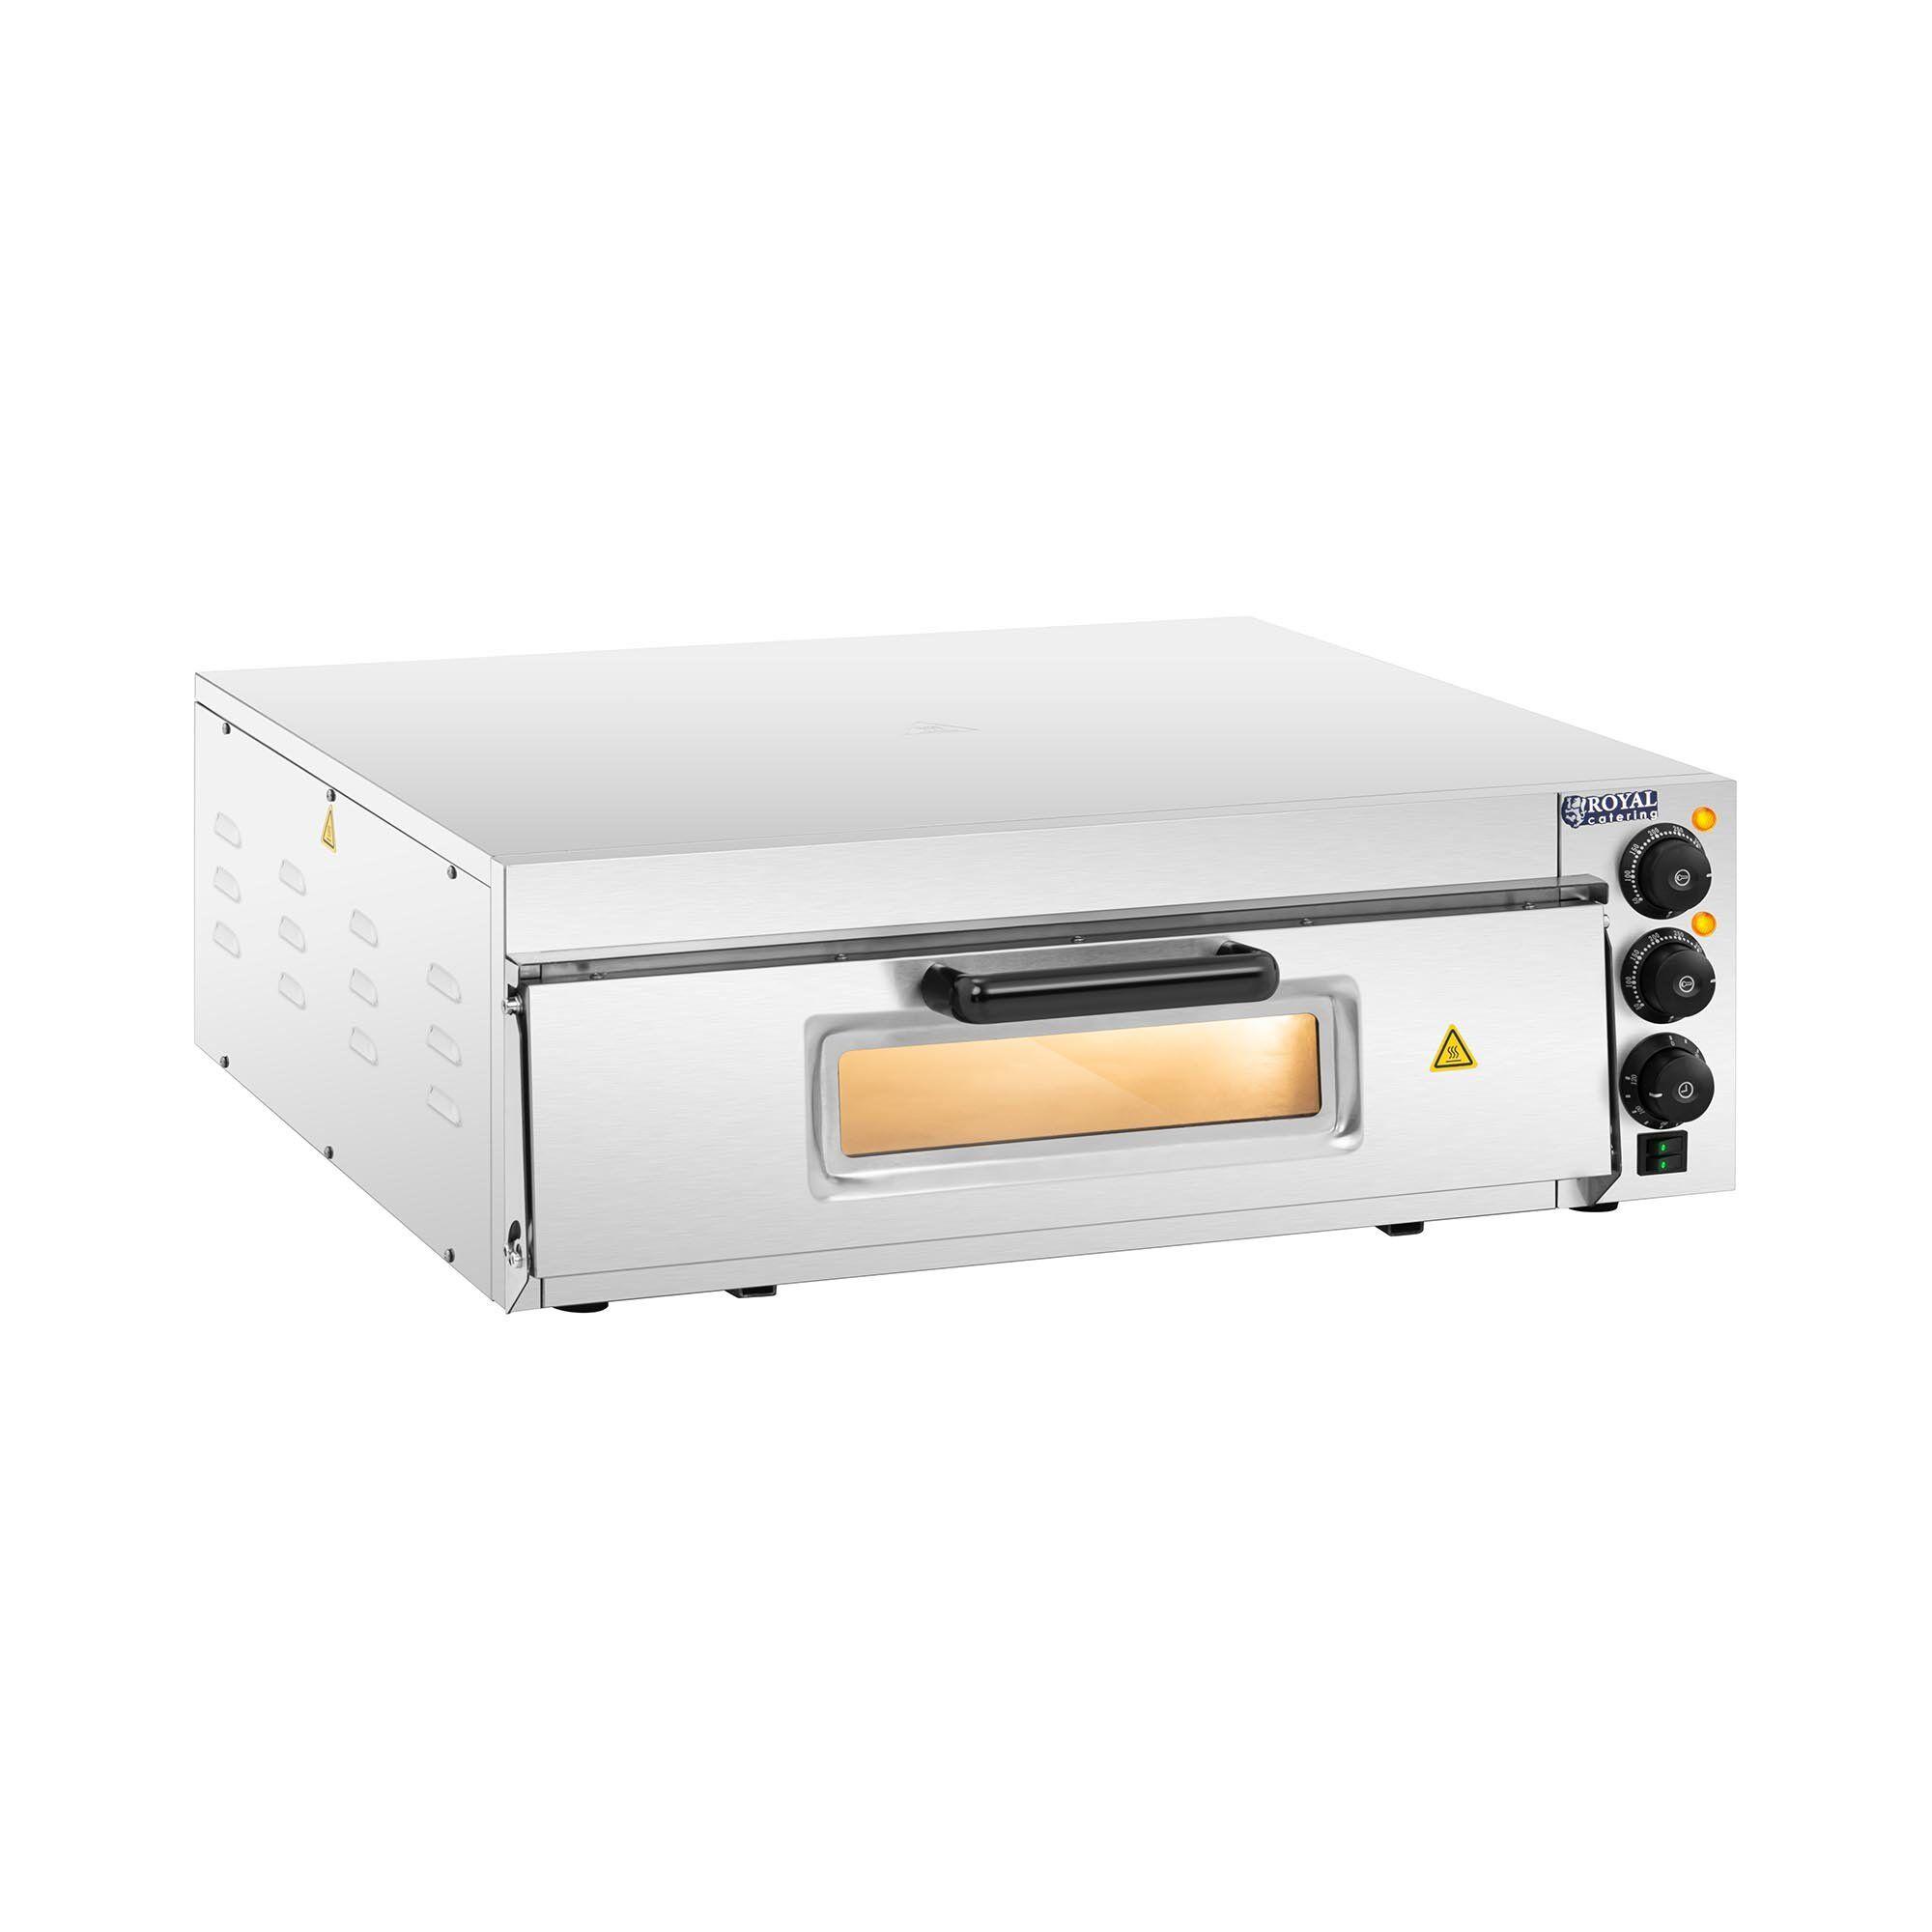 Royal Catering Forno per pizza elettrico professionale - 1 camera - Ø 60 cm - Porta in vetro RCPO-2000-60-1